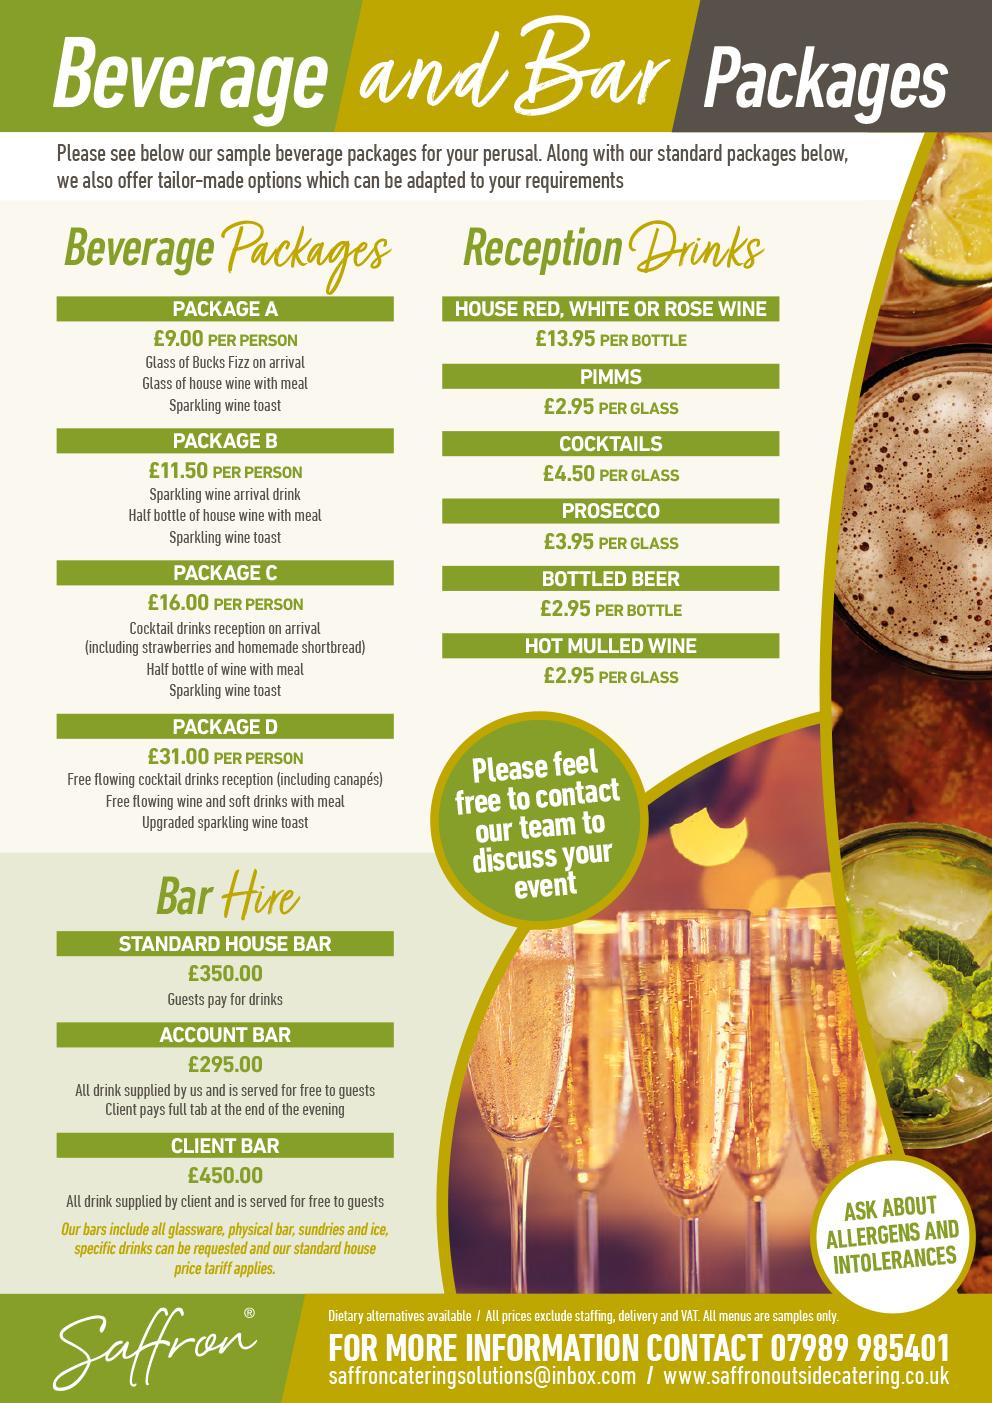 Saffron Menu Beverage Bar - Beverage and Bar